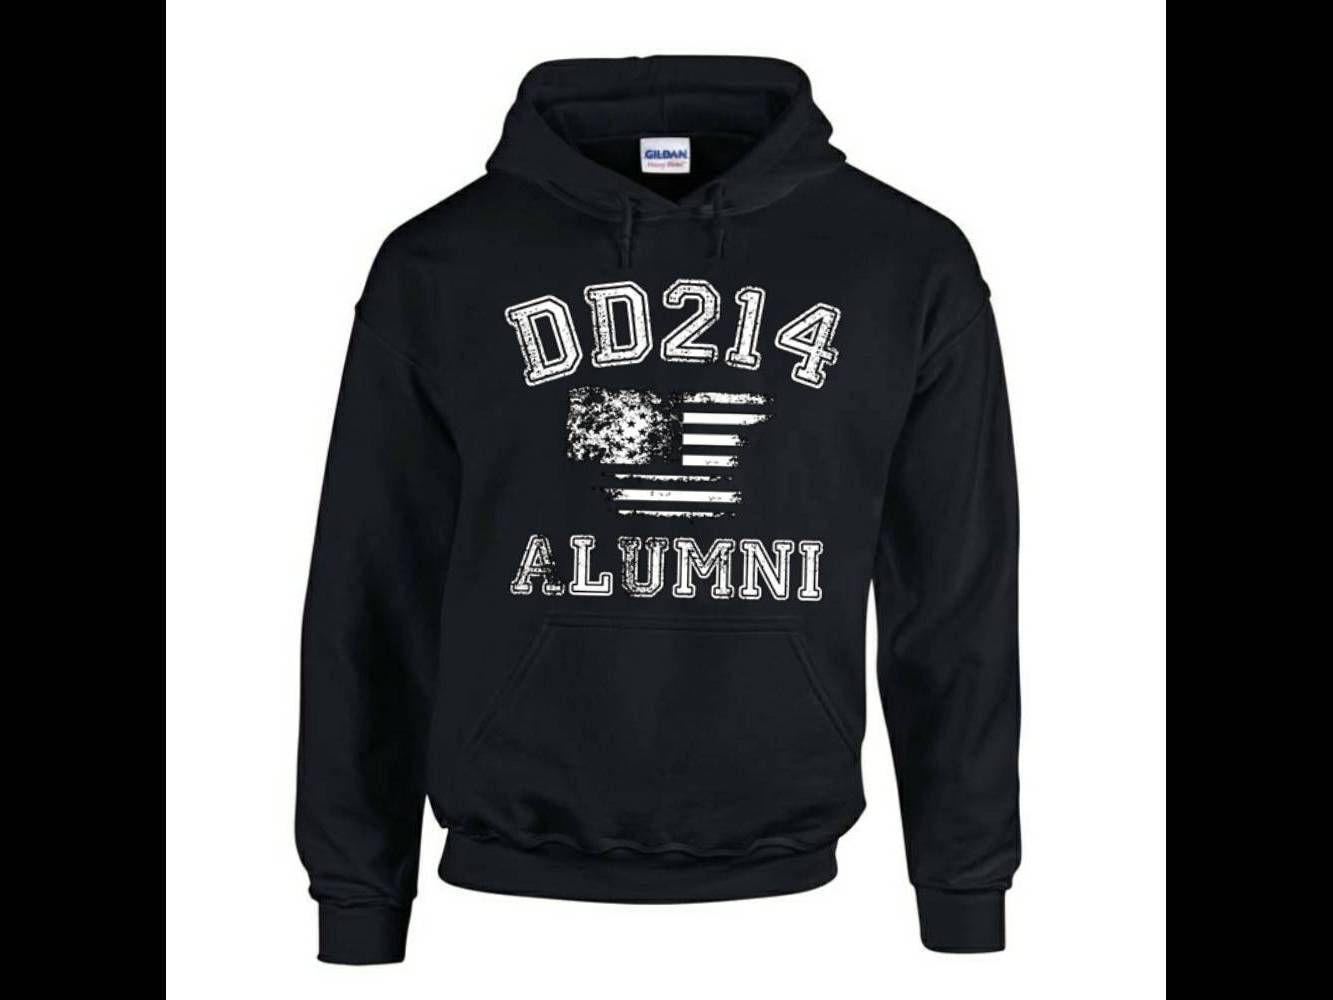 DD214 Alumni Hoodie Hoodies, Shopping, Fashion